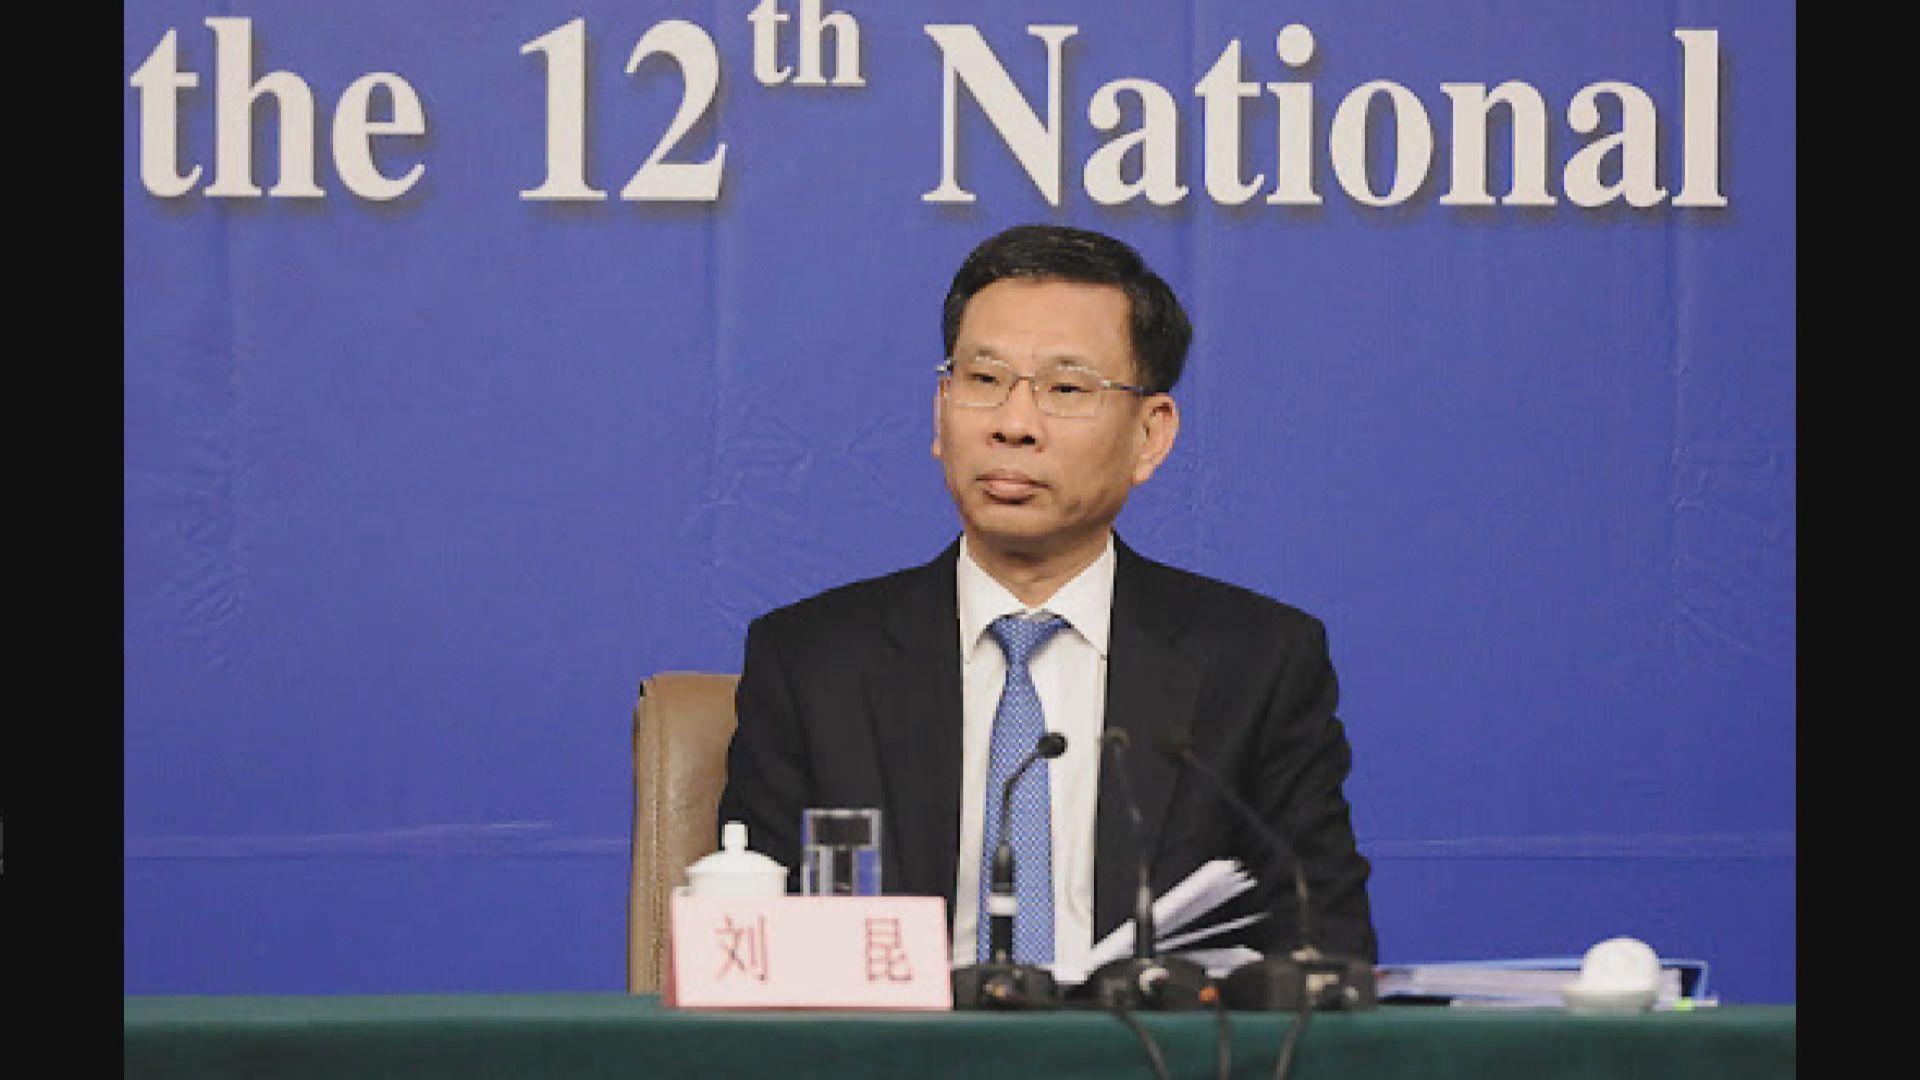 劉昆:財政運行將處於「緊平衡」狀態